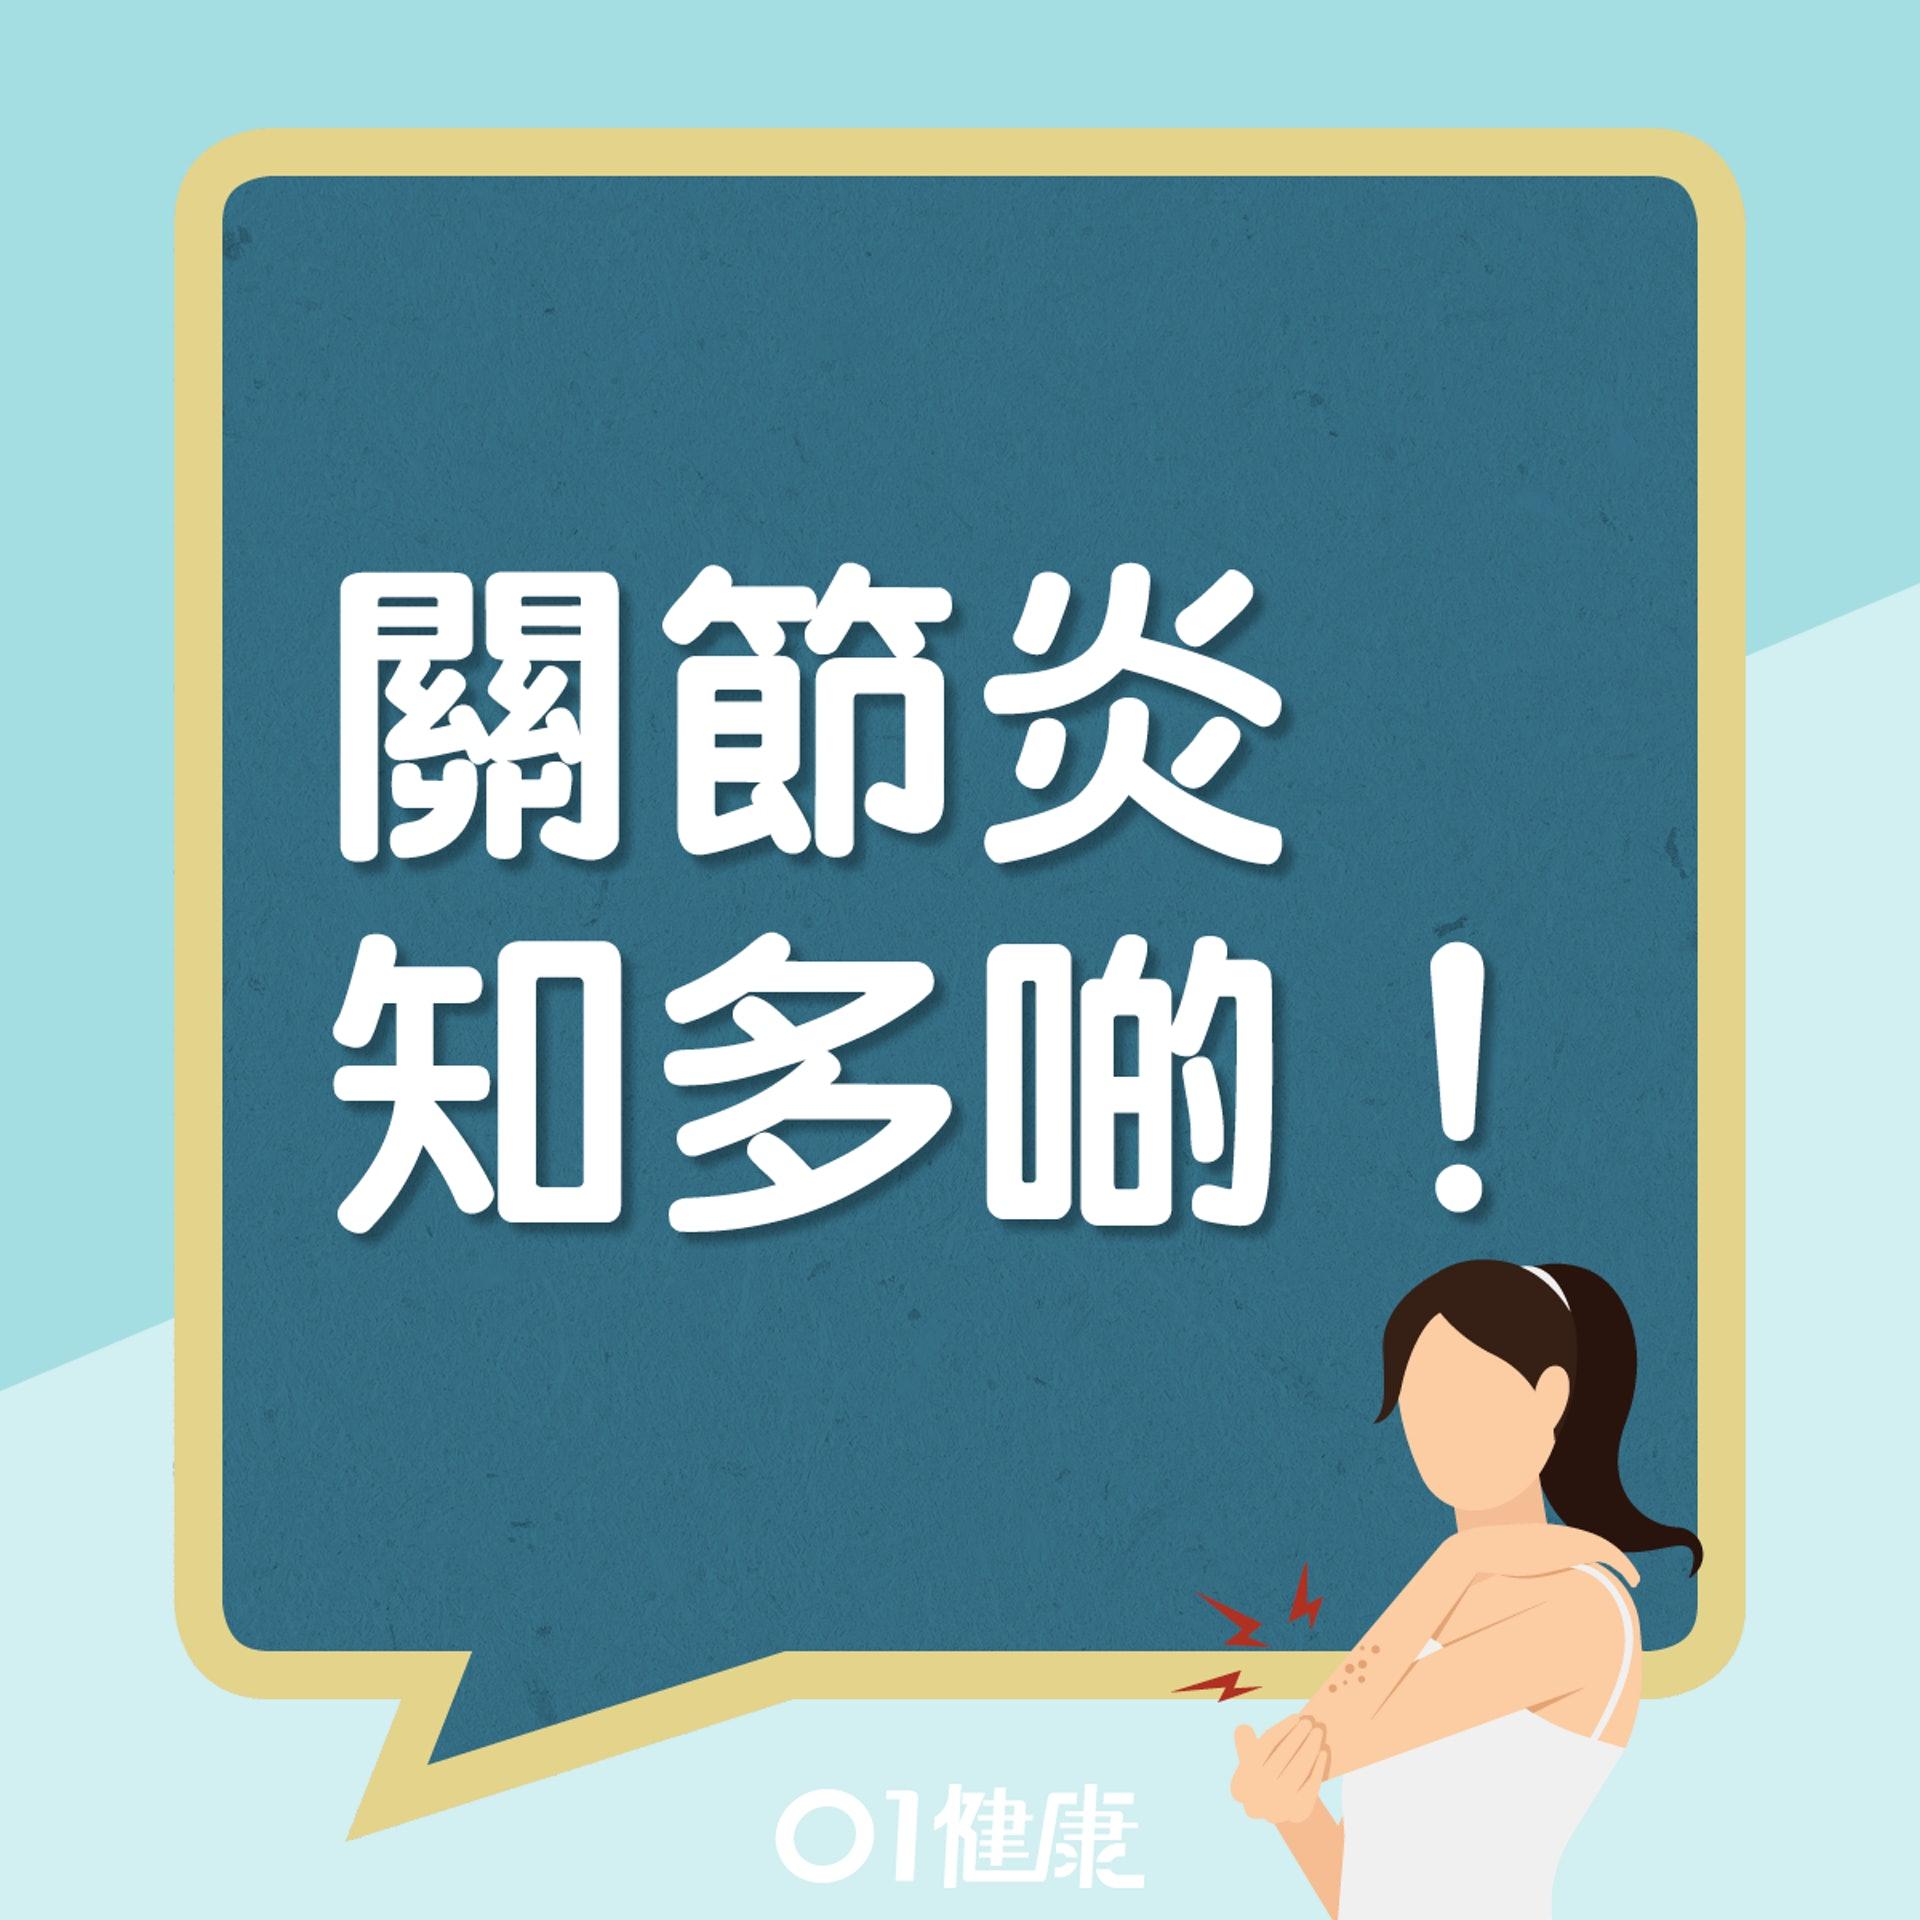 關節炎知多啲(01製圖)